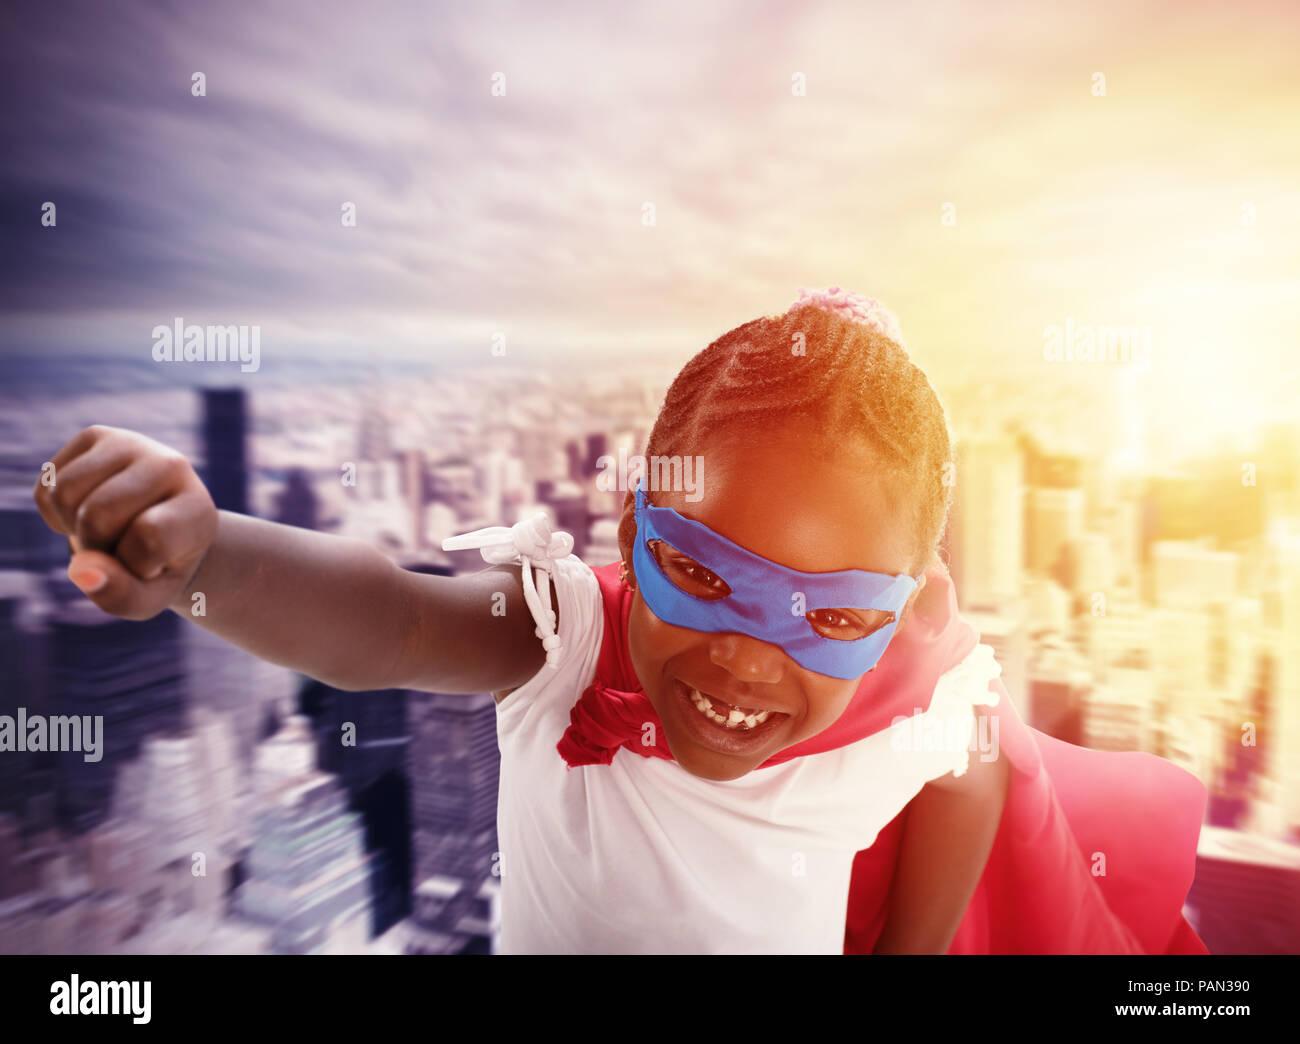 Bambino agisce come un supereroe per salvare il mondo Immagini Stock